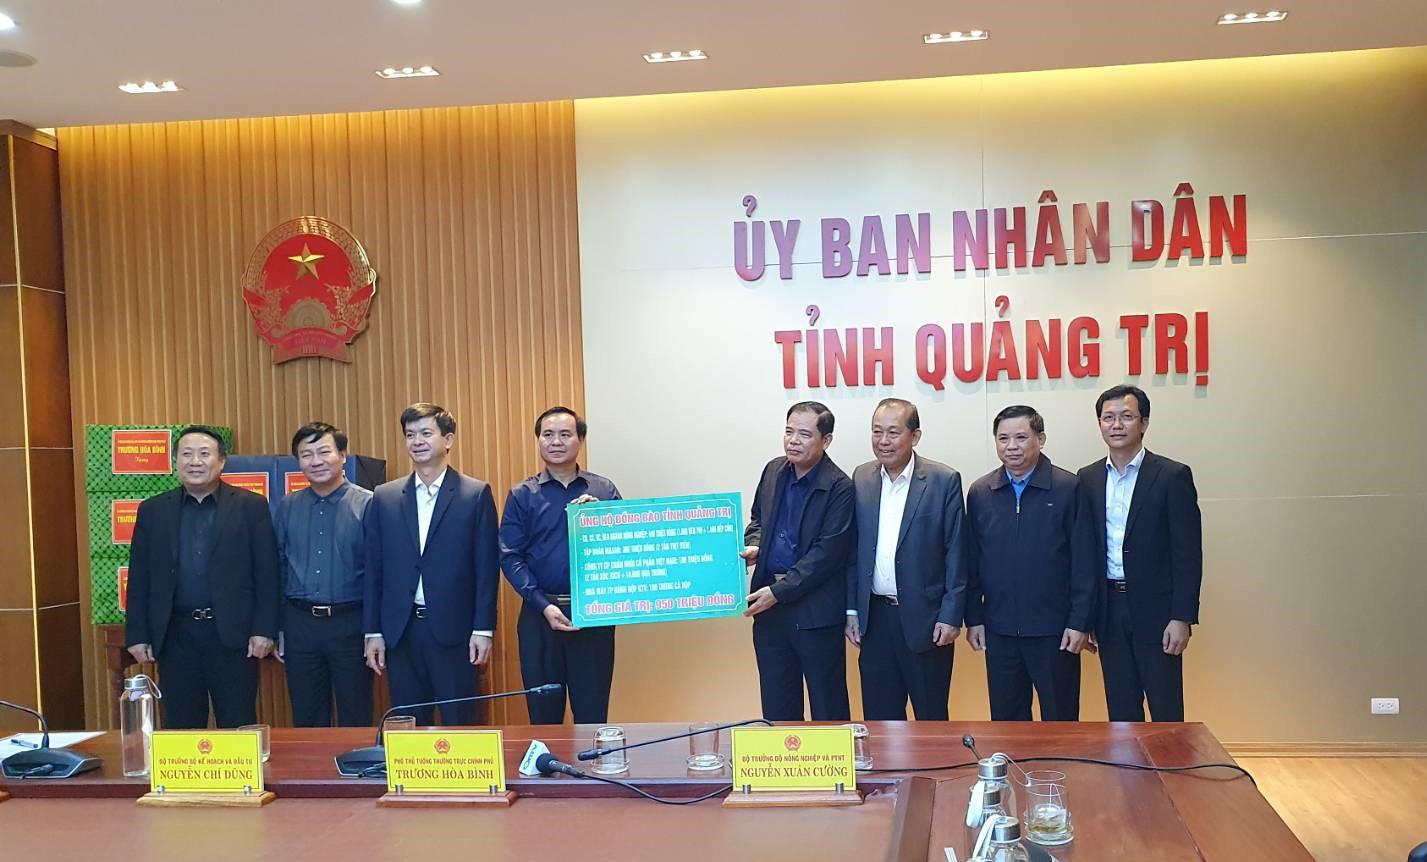 """C.P. Việt Nam """"Hướng về miền Trung yêu thương"""" - Ảnh 4."""